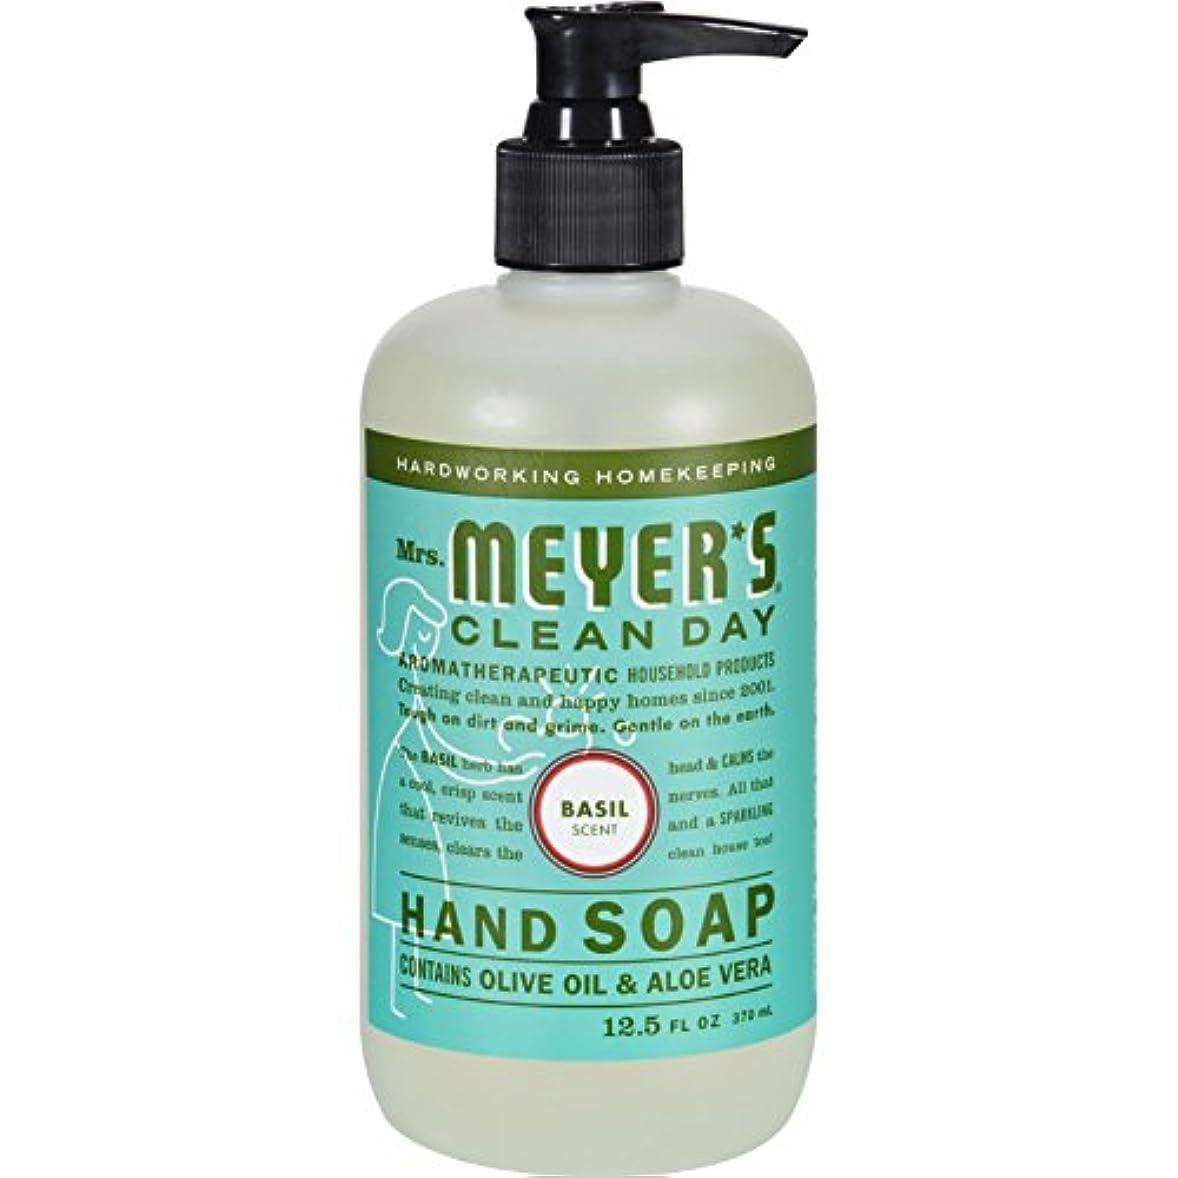 例外エジプト法令MRS. MEYER'S HAND SOAP,LIQ,BASIL, 12.5 FZ by Mrs. Meyer's Clean Day